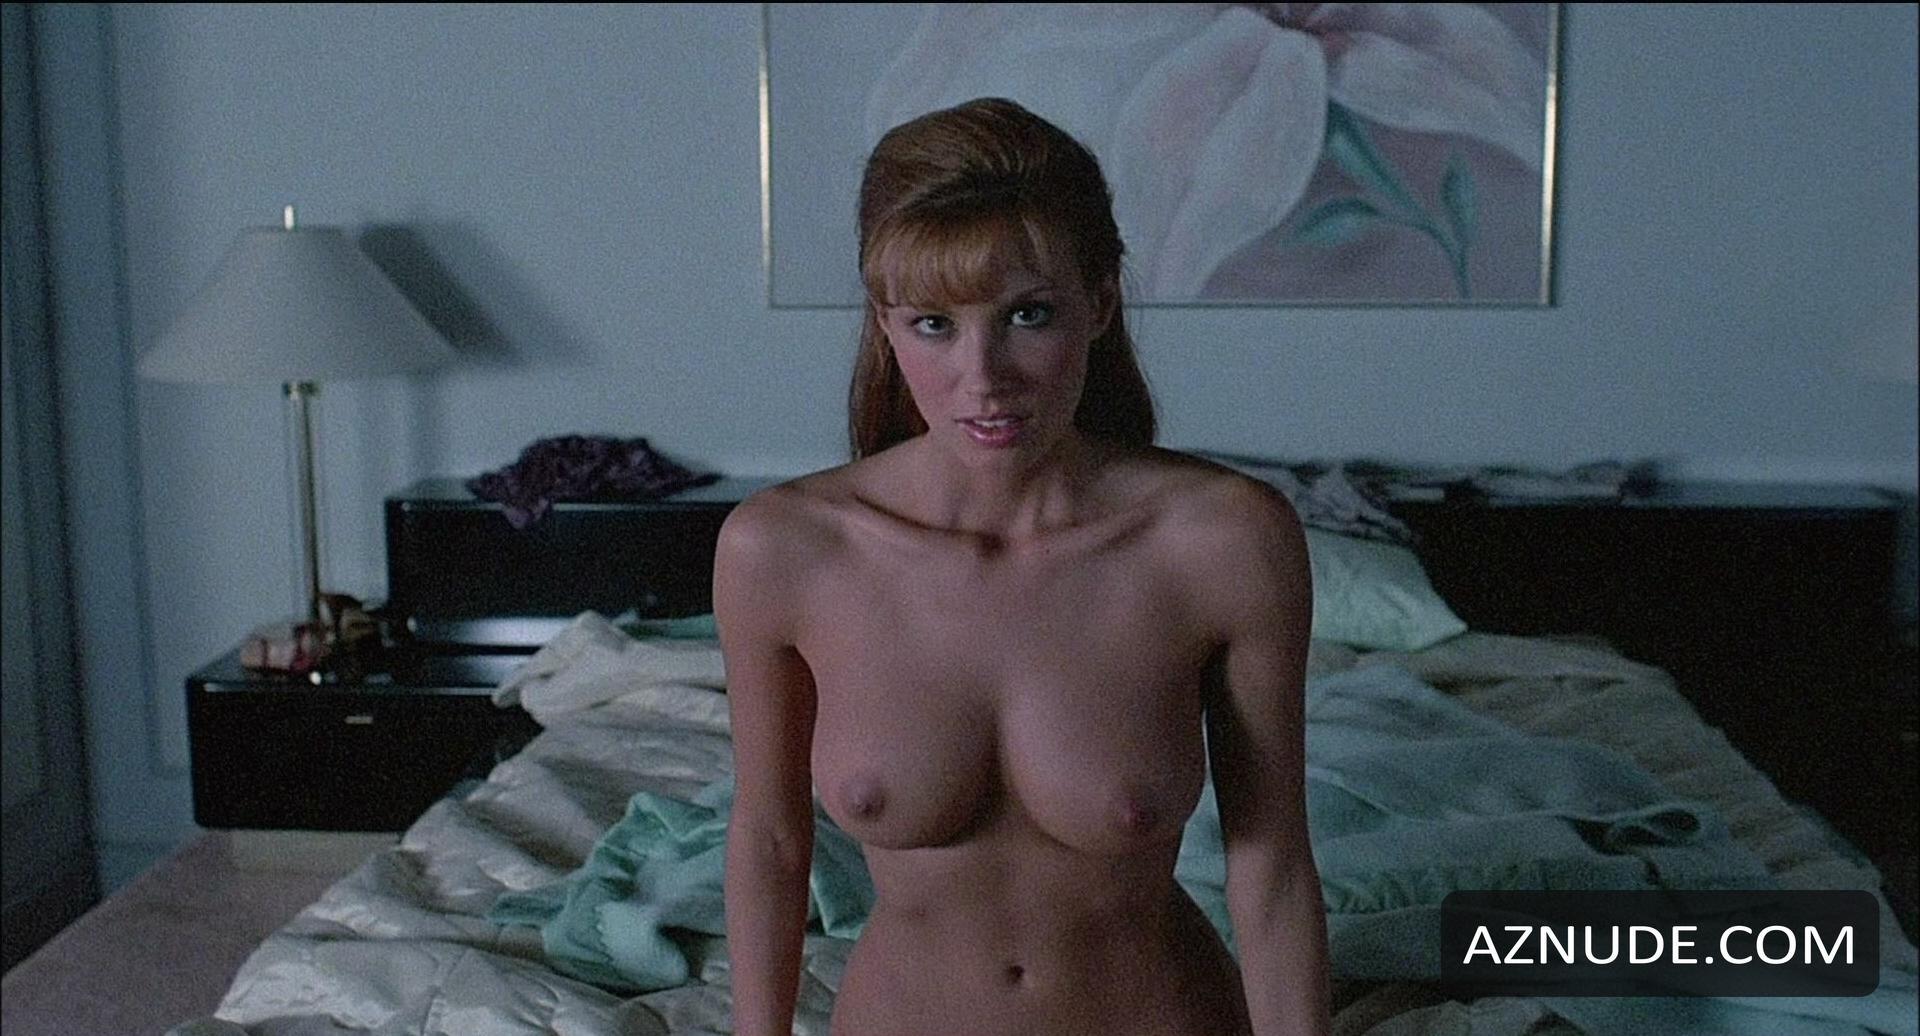 Dd skinny women nude